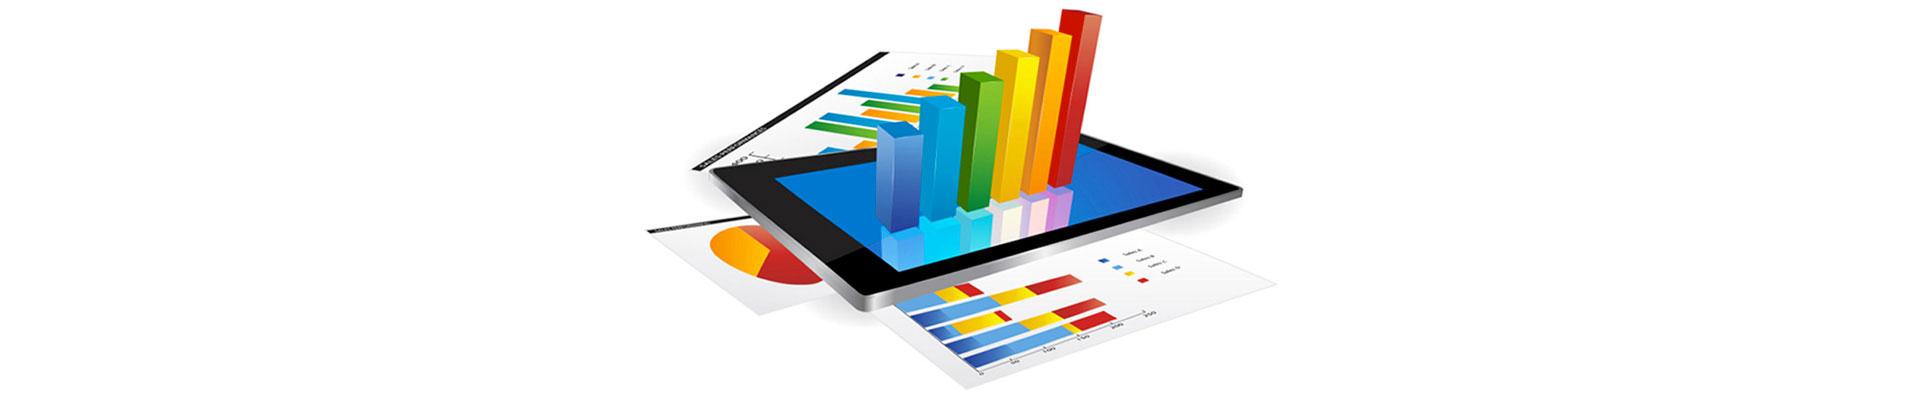 Analisi siti web ecommerce